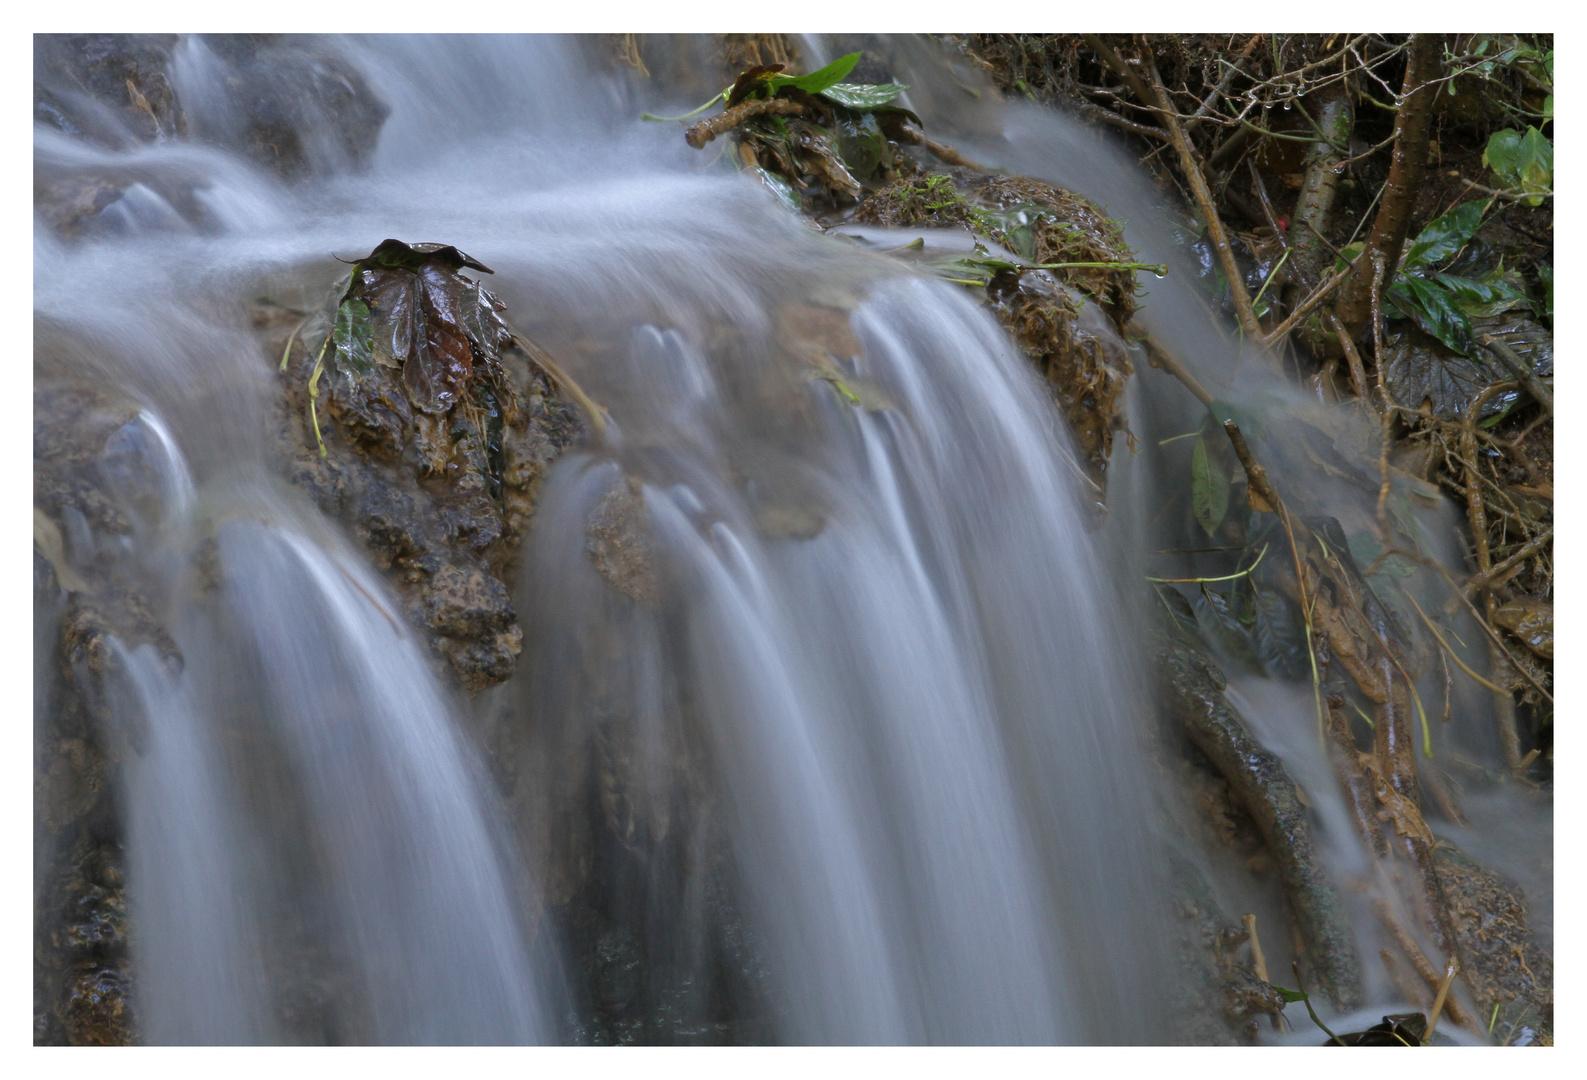 kleiner Wasserfall - I